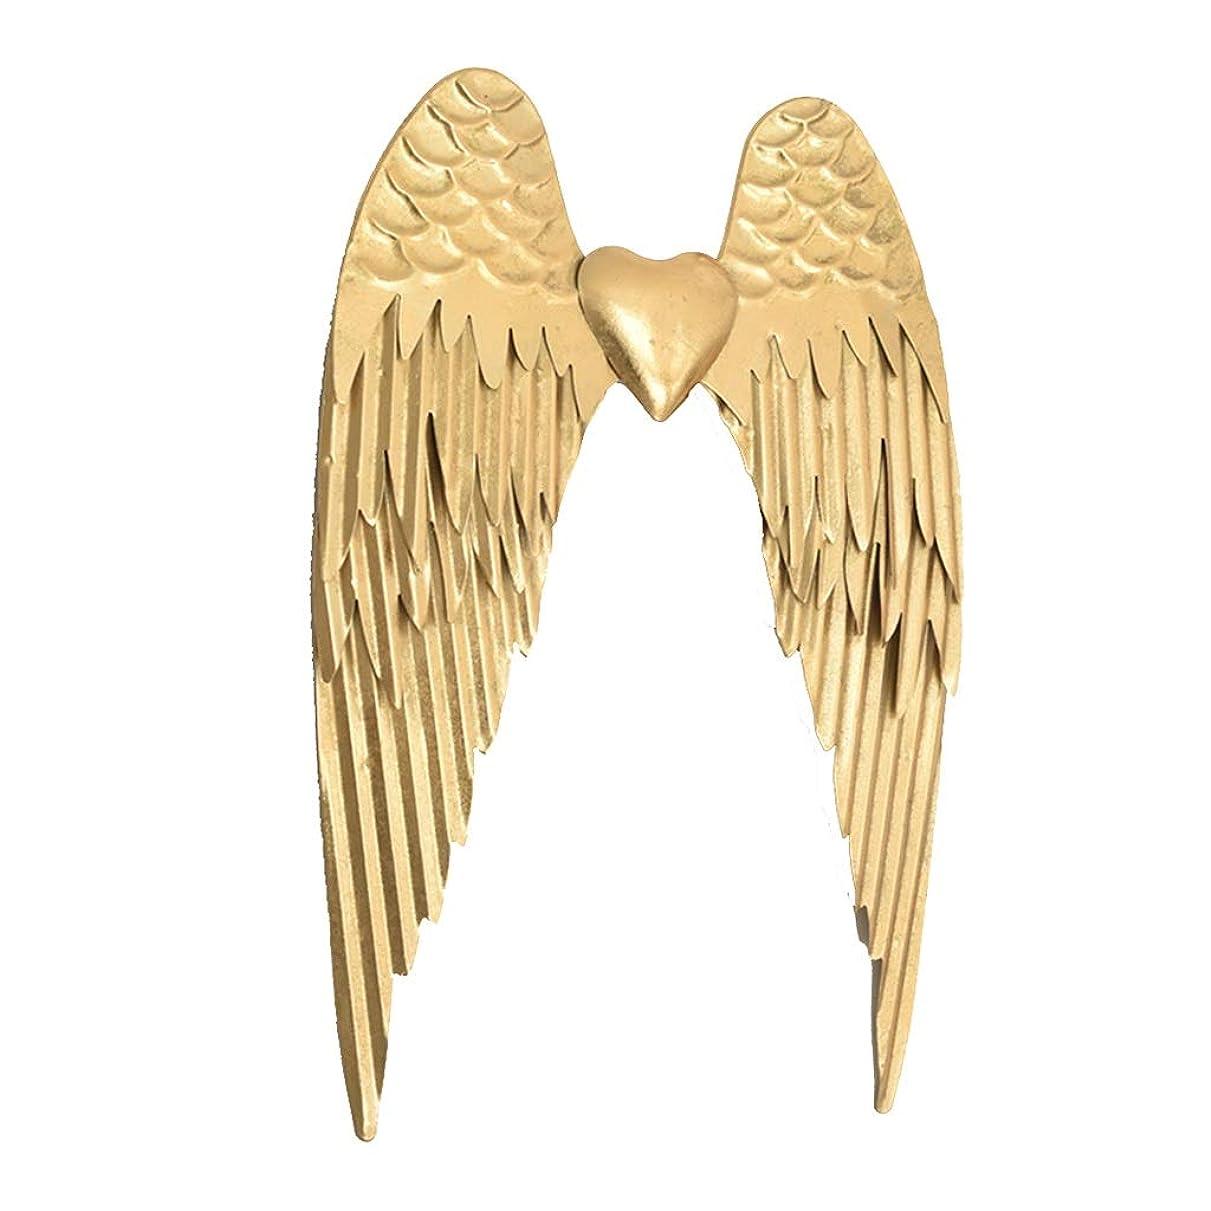 寝る平等絵ウォールデコ 金属壁の装飾天使の羽メタルウォールアートウォールクリエイティブ装飾エンボスホームウォールデコレーション テレビ壁掛け用部品 (Color : Gold, Size : 50*35cm)